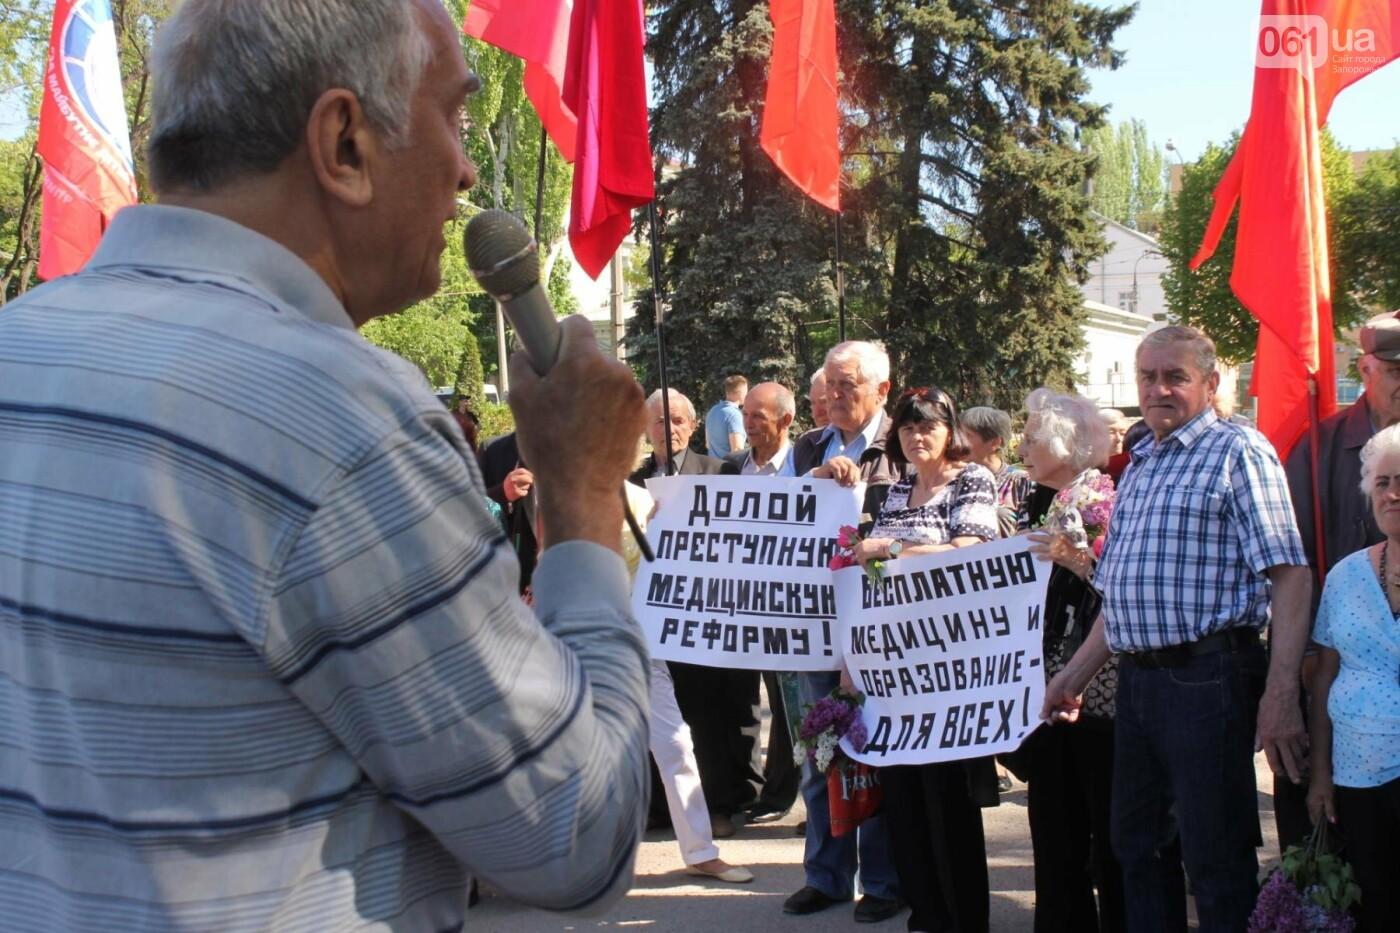 Запорожские коммунисты с красными флагами провели митинг к 1 мая: к «вечному огню» на Свободы пришли полсотни людей, – ФОТОРЕПОРТАЖ, фото-9